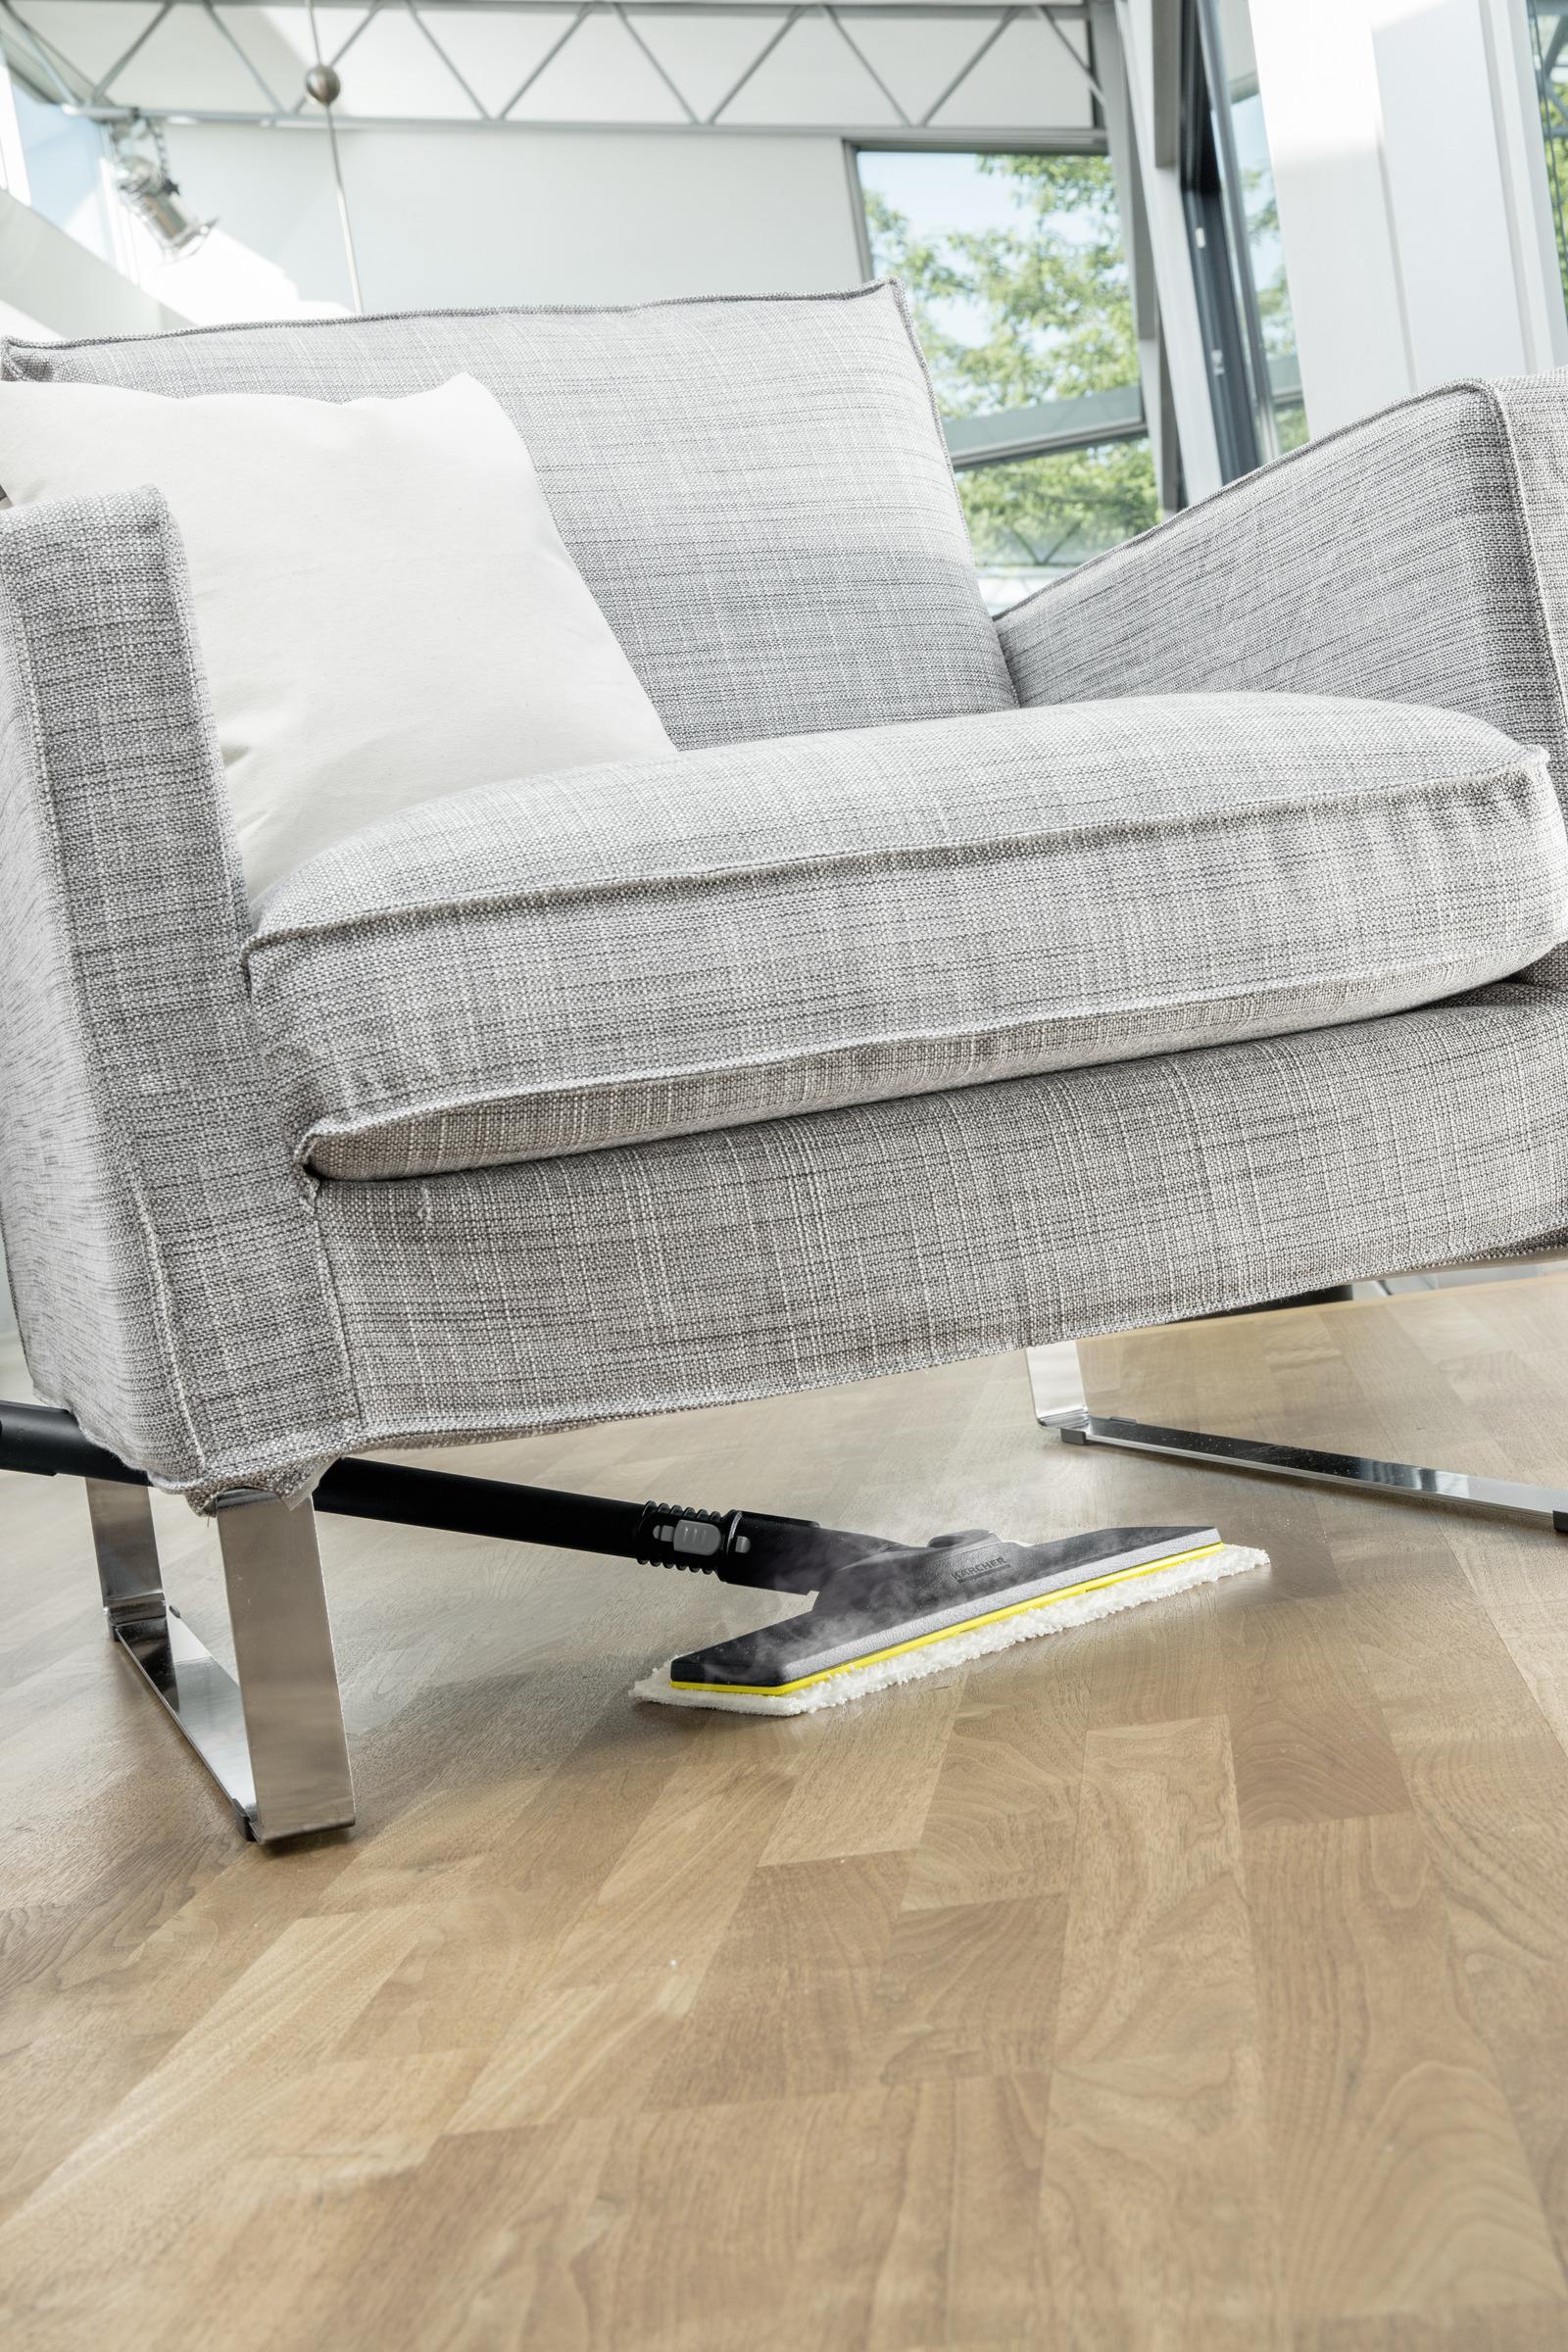 dampfreiniger sc 4 easyfix premium k rcher. Black Bedroom Furniture Sets. Home Design Ideas